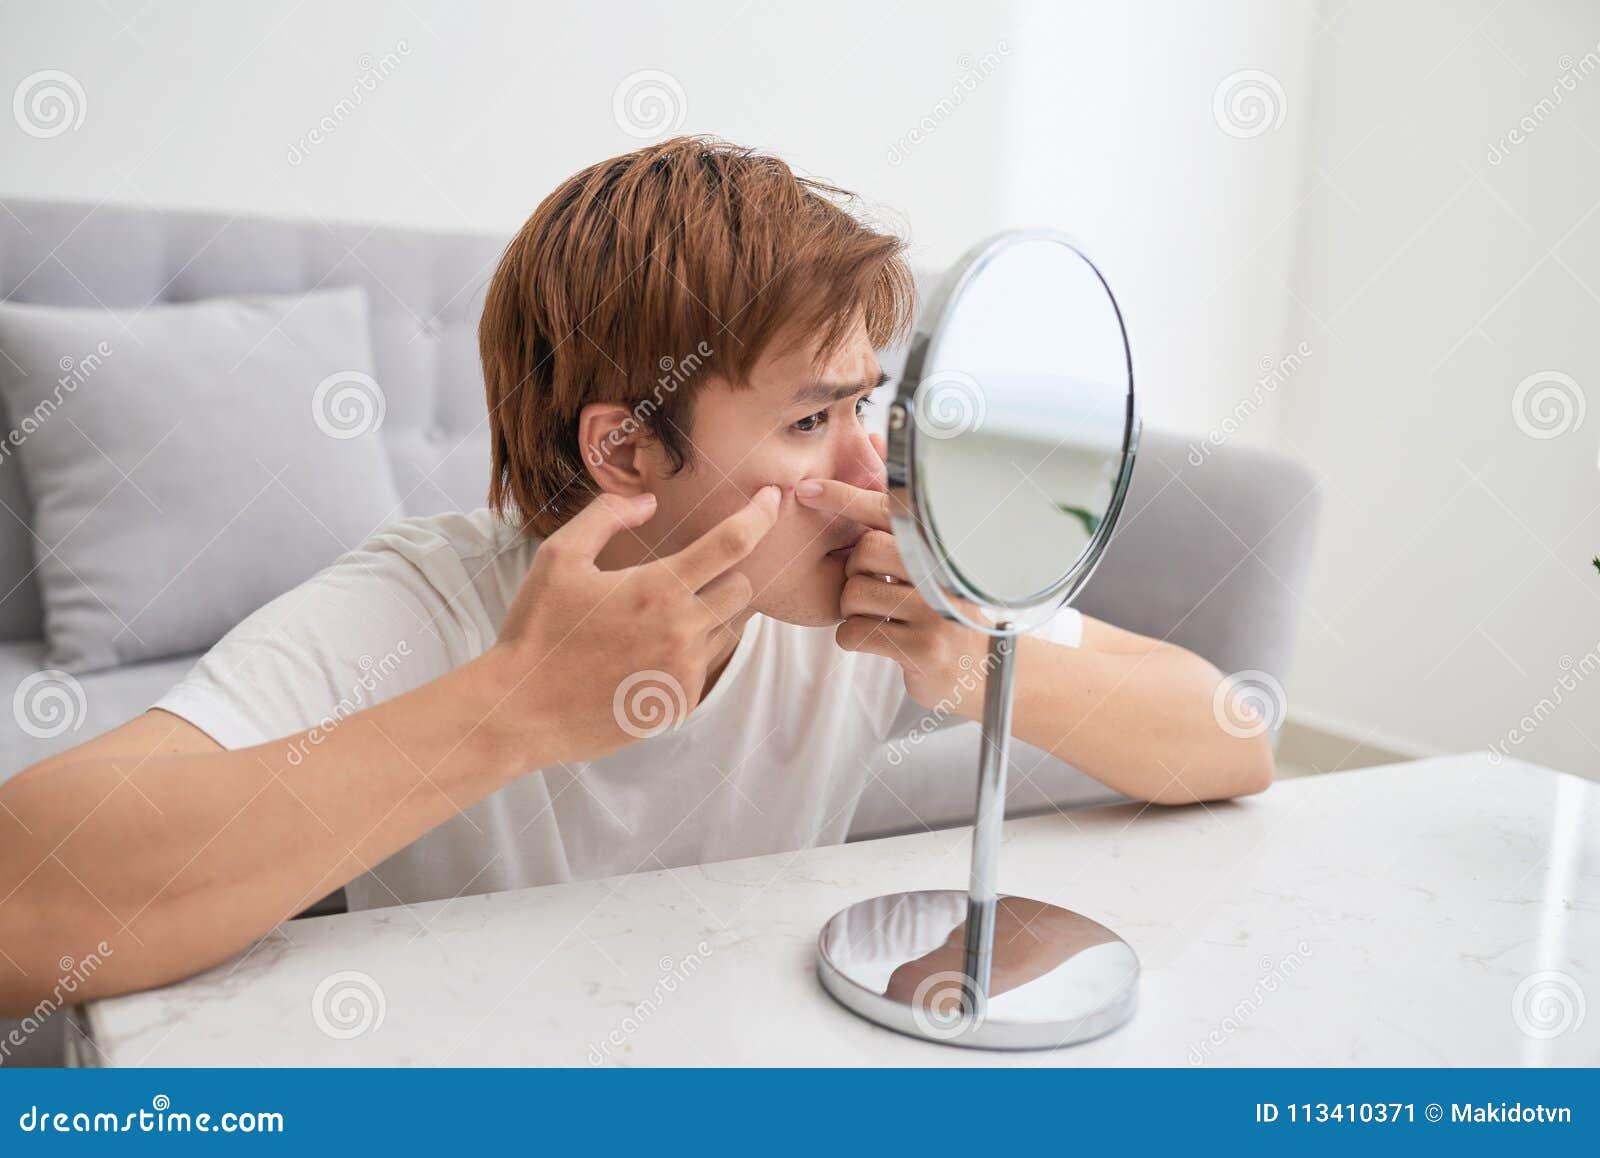 Homme asiatique regardant le miroir et sautant un bouton